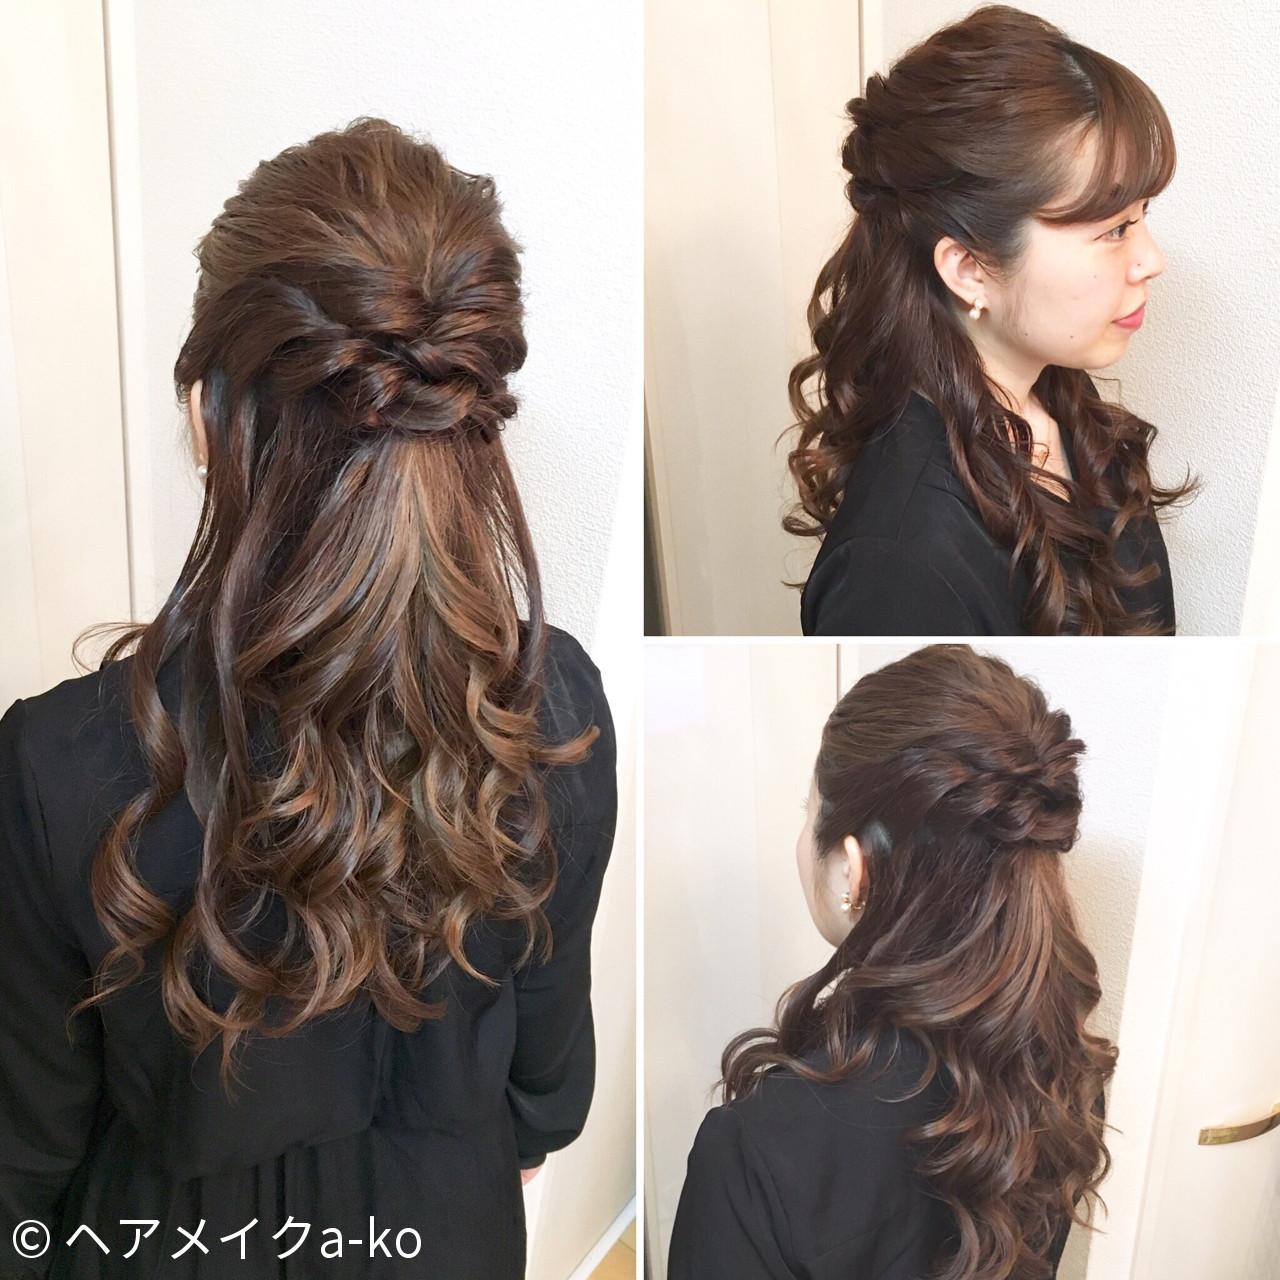 結婚式 フェミニン ハーフアップ セミロング ヘアスタイルや髪型の写真・画像